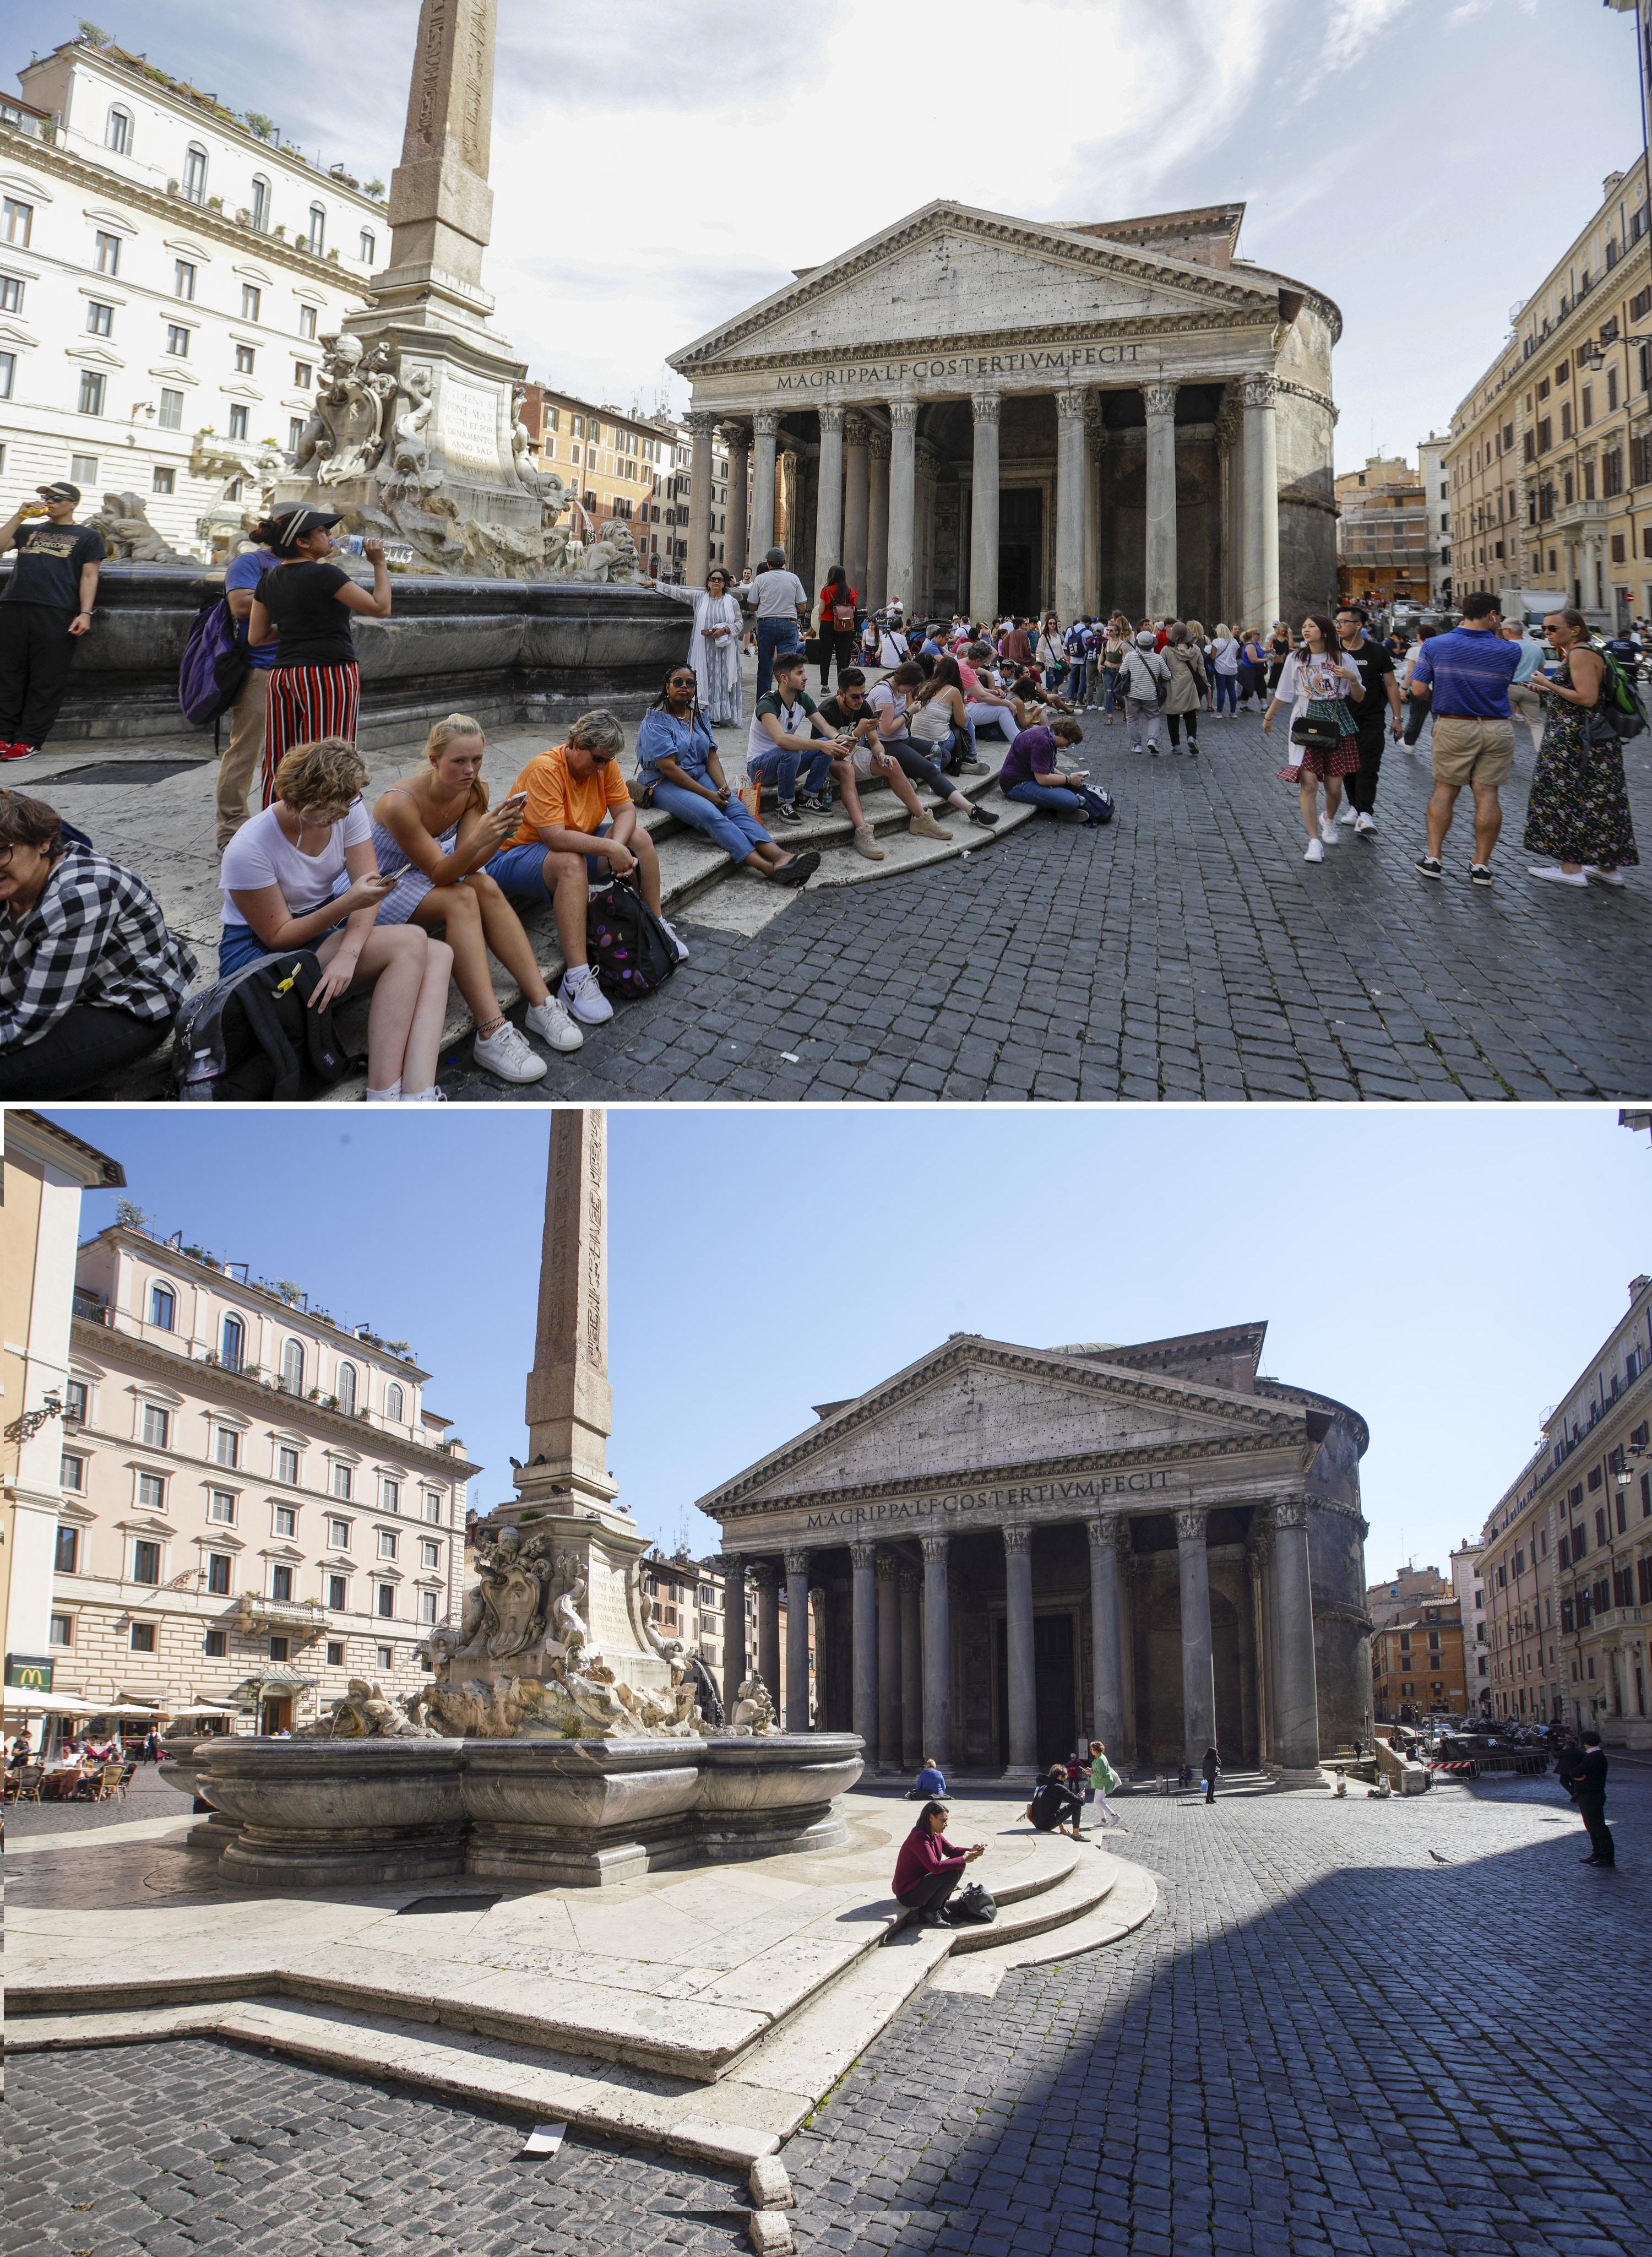 ARCHIVO - En esta imagen combinada, turistas sentados ante el Panteón en Roma, a las 13:47 del viernes 7 de junio de 2019, y a las 13:00 del miércoles 11 de marzo de 2020. (AP Foto/Gregorio Borgia, Andrew Medichini)